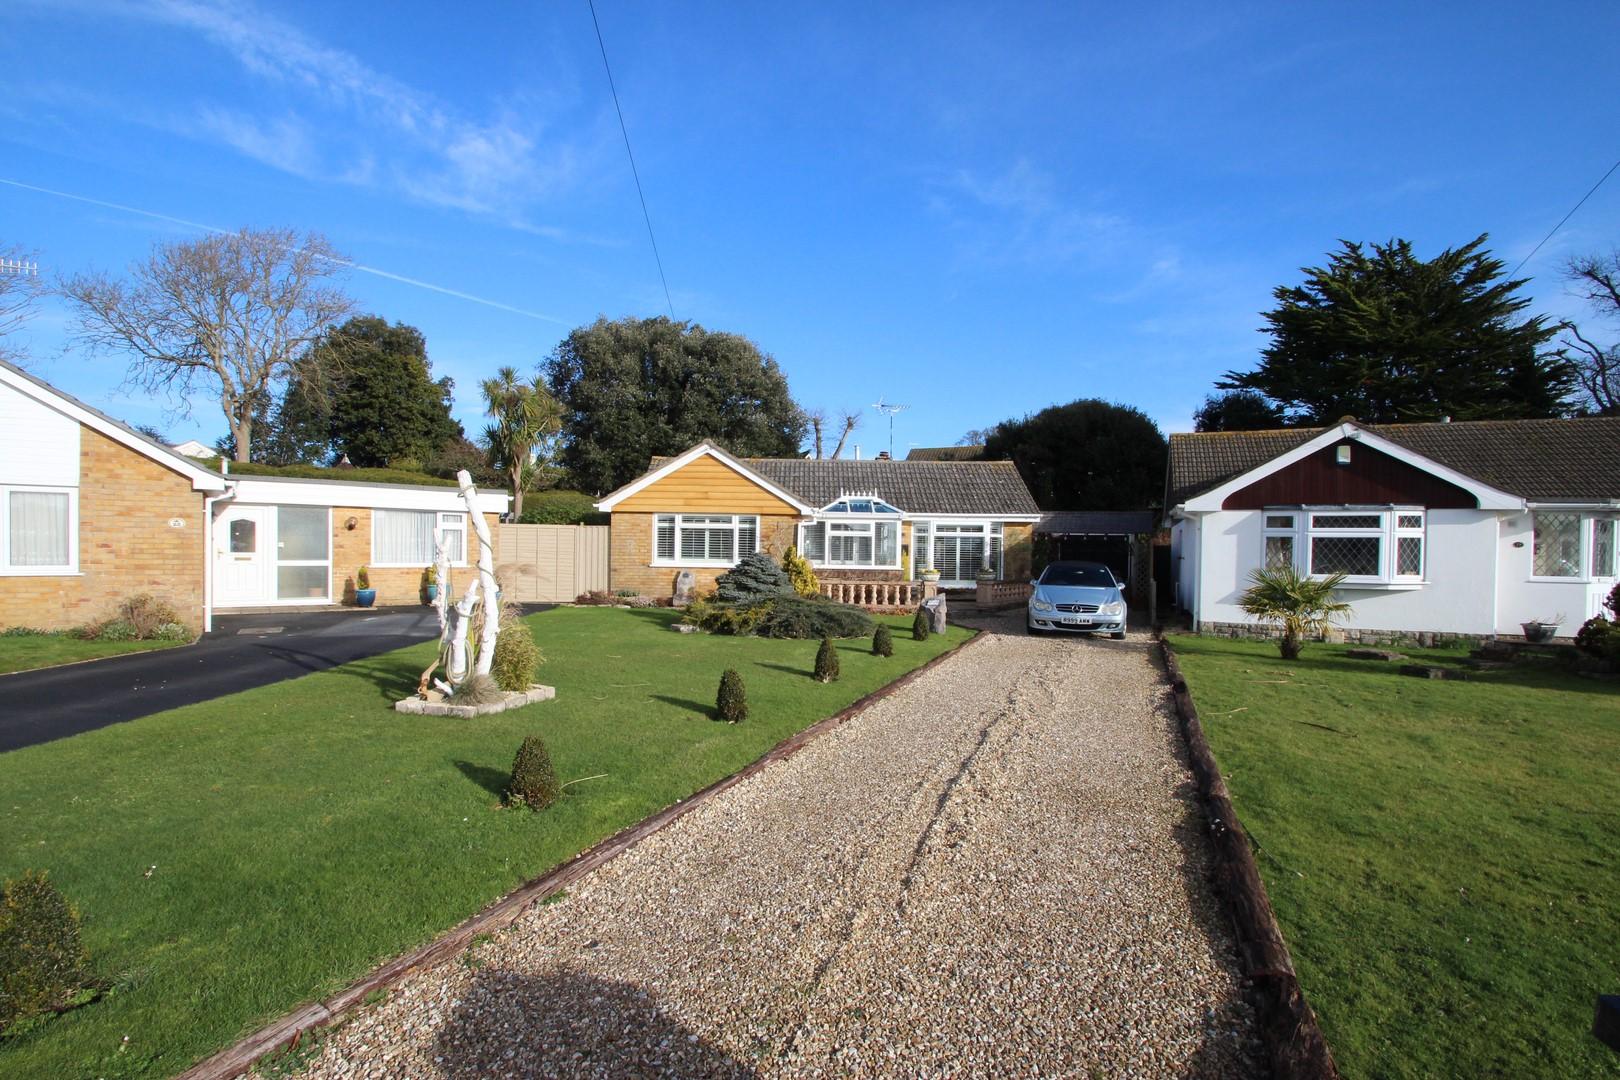 2 Bedroom Bungalow in Mudeford